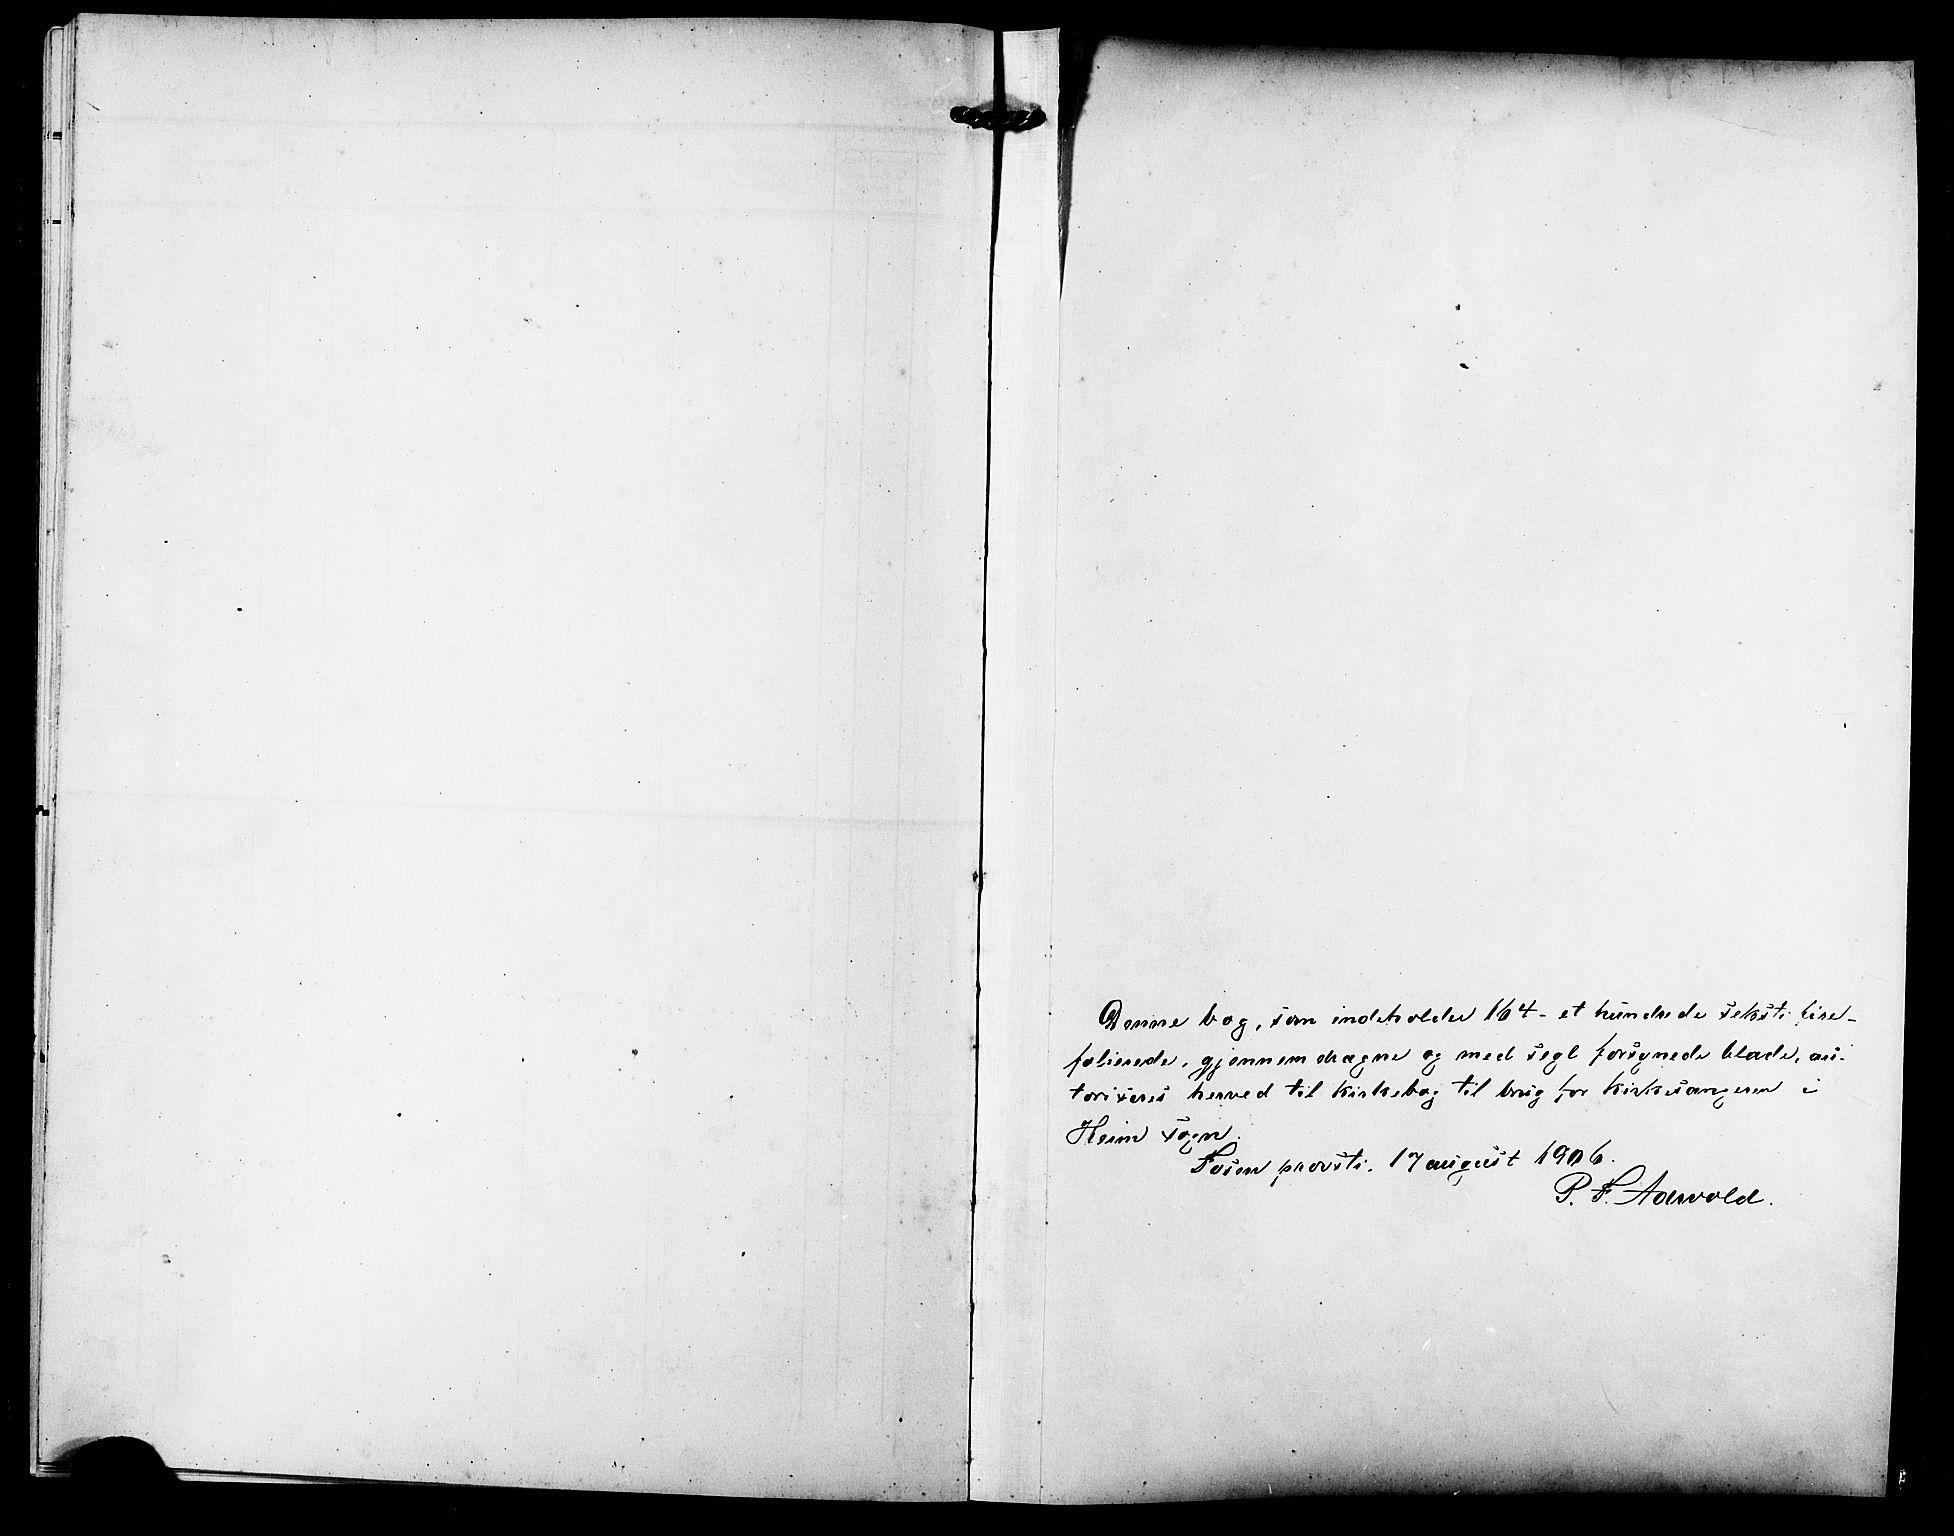 SAT, Ministerialprotokoller, klokkerbøker og fødselsregistre - Sør-Trøndelag, 633/L0520: Klokkerbok nr. 633C02, 1906-1921